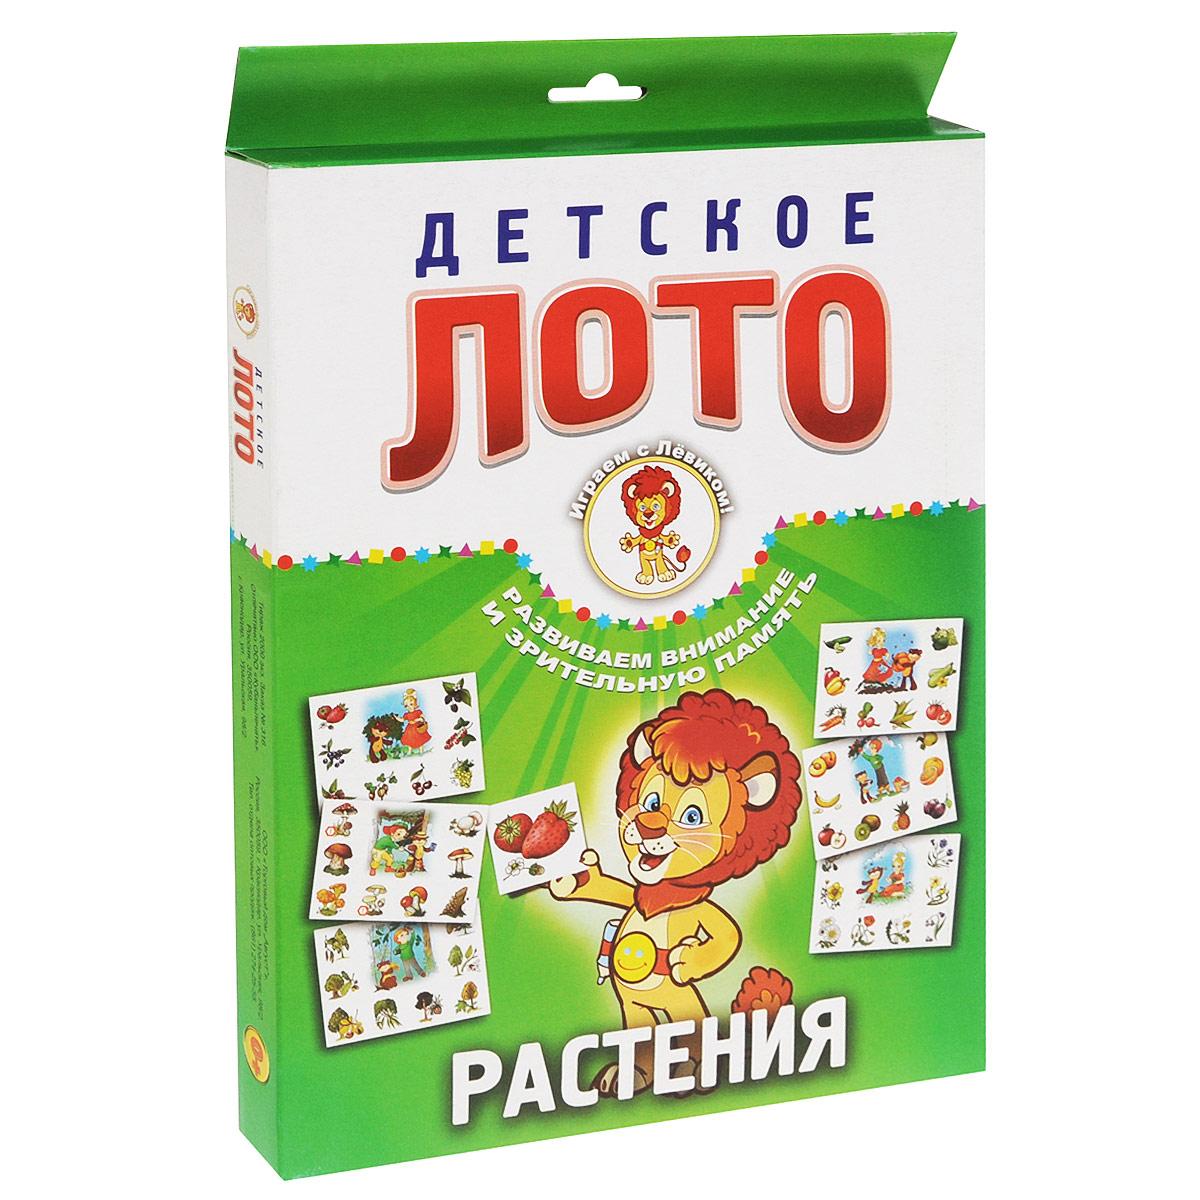 Растения. Детское лото (набор из 54 карточек)12296407Детское лото - это занимательная настольная игра для детей от 2 лет, которая способствует развитию внимания, логического мышления и зрительной памяти ребёнка, а также знакомит детей с объектами окружающего мира, расширяет кругозор. Набор Растения включает 6 игровых карточек и 48 фишек: 1. Грибы: мухомор, белый гриб, лисички, бледные поганки, подосиновики, опята, подберёзовик, шампиньоны. 2. Деревья: берёза, дуб, каштан, ива, сосна, клён, тополь, ель. 3. Цветы: анютины глазки, лютики, ромашки, маки, одуванчики, колокольчики, нарциссы, васильки. 4. Овощи: огурцы, перец, морковь, редис, кукуруза, помидоры, кабачки, капуста. 5. Фрукты: персики, банан, яблоки, киви, ананас, сливы, апельсины, груша. 6. Ягоды: клубника, черника, малина, крыжовник, черешня, виноград, красная смородина, ежевика. В Детское лото могут играть одновременно от двух до шести человек. Участникам игры раздаются карточки. Фишки складываются в мешочек и...